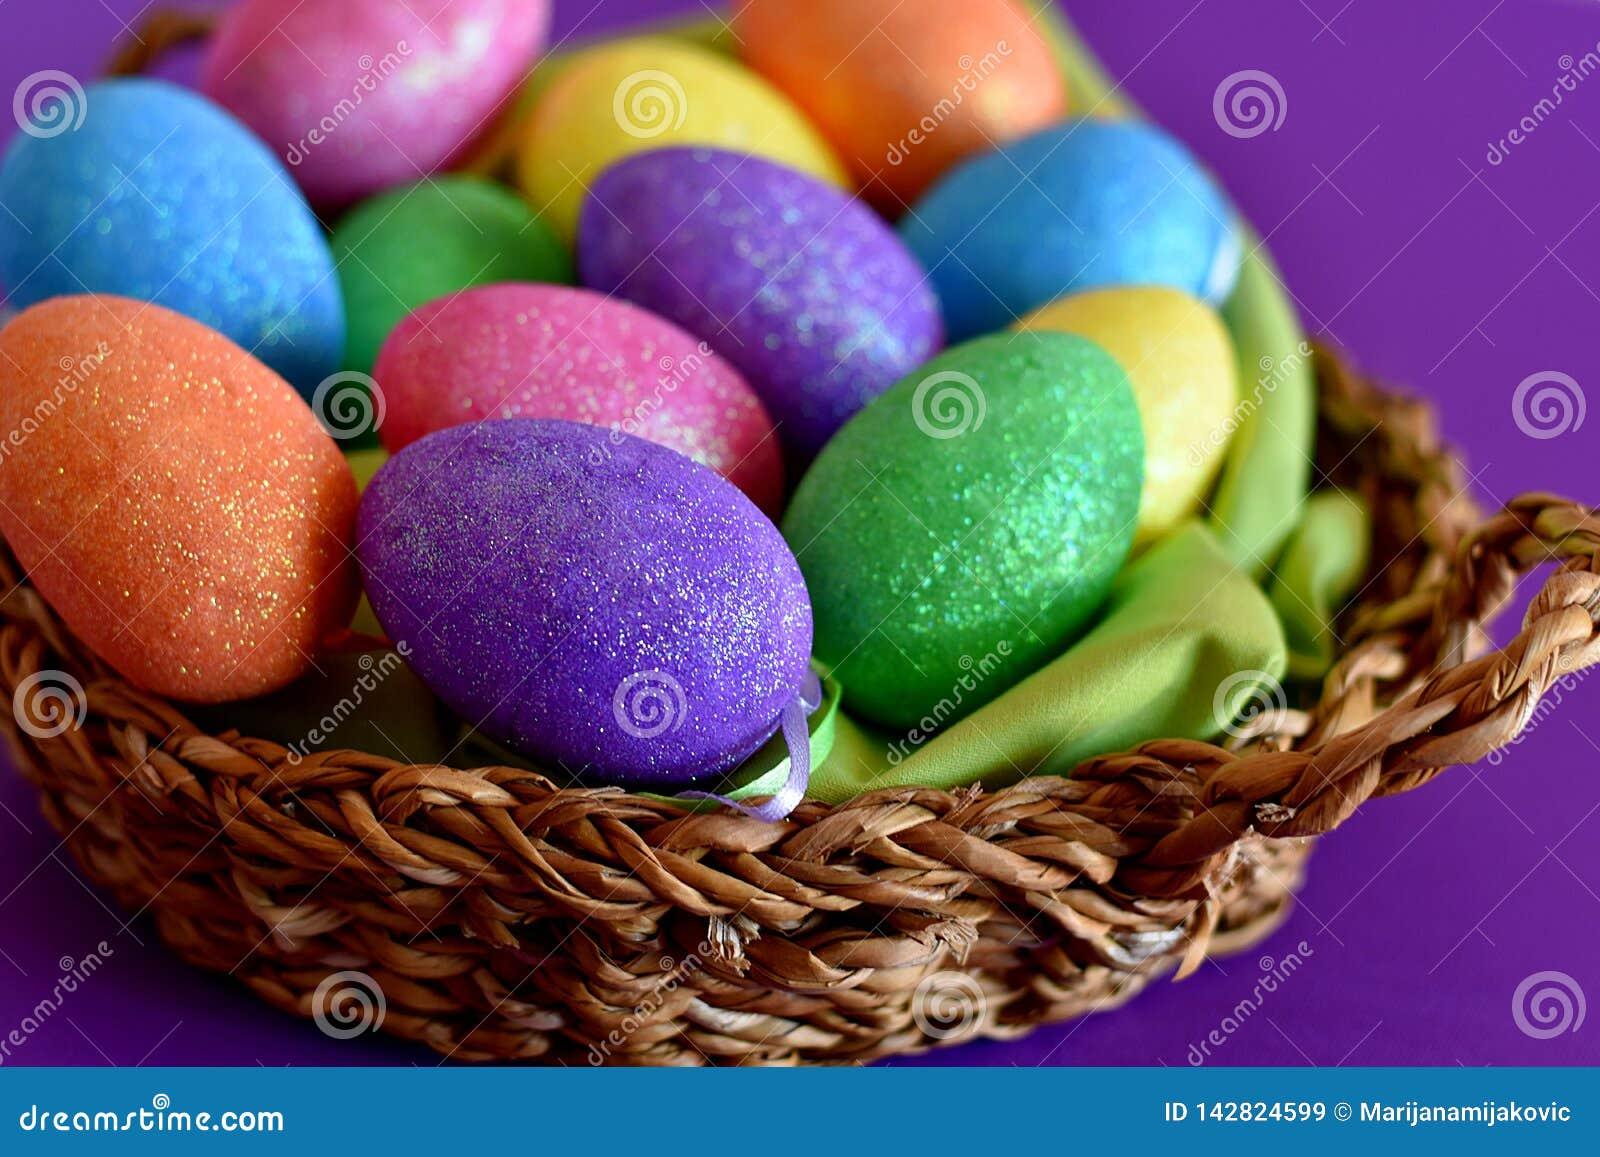 Ovos da páscoa coloridos de brilho efervescentes dos doces em uma cesta de vime